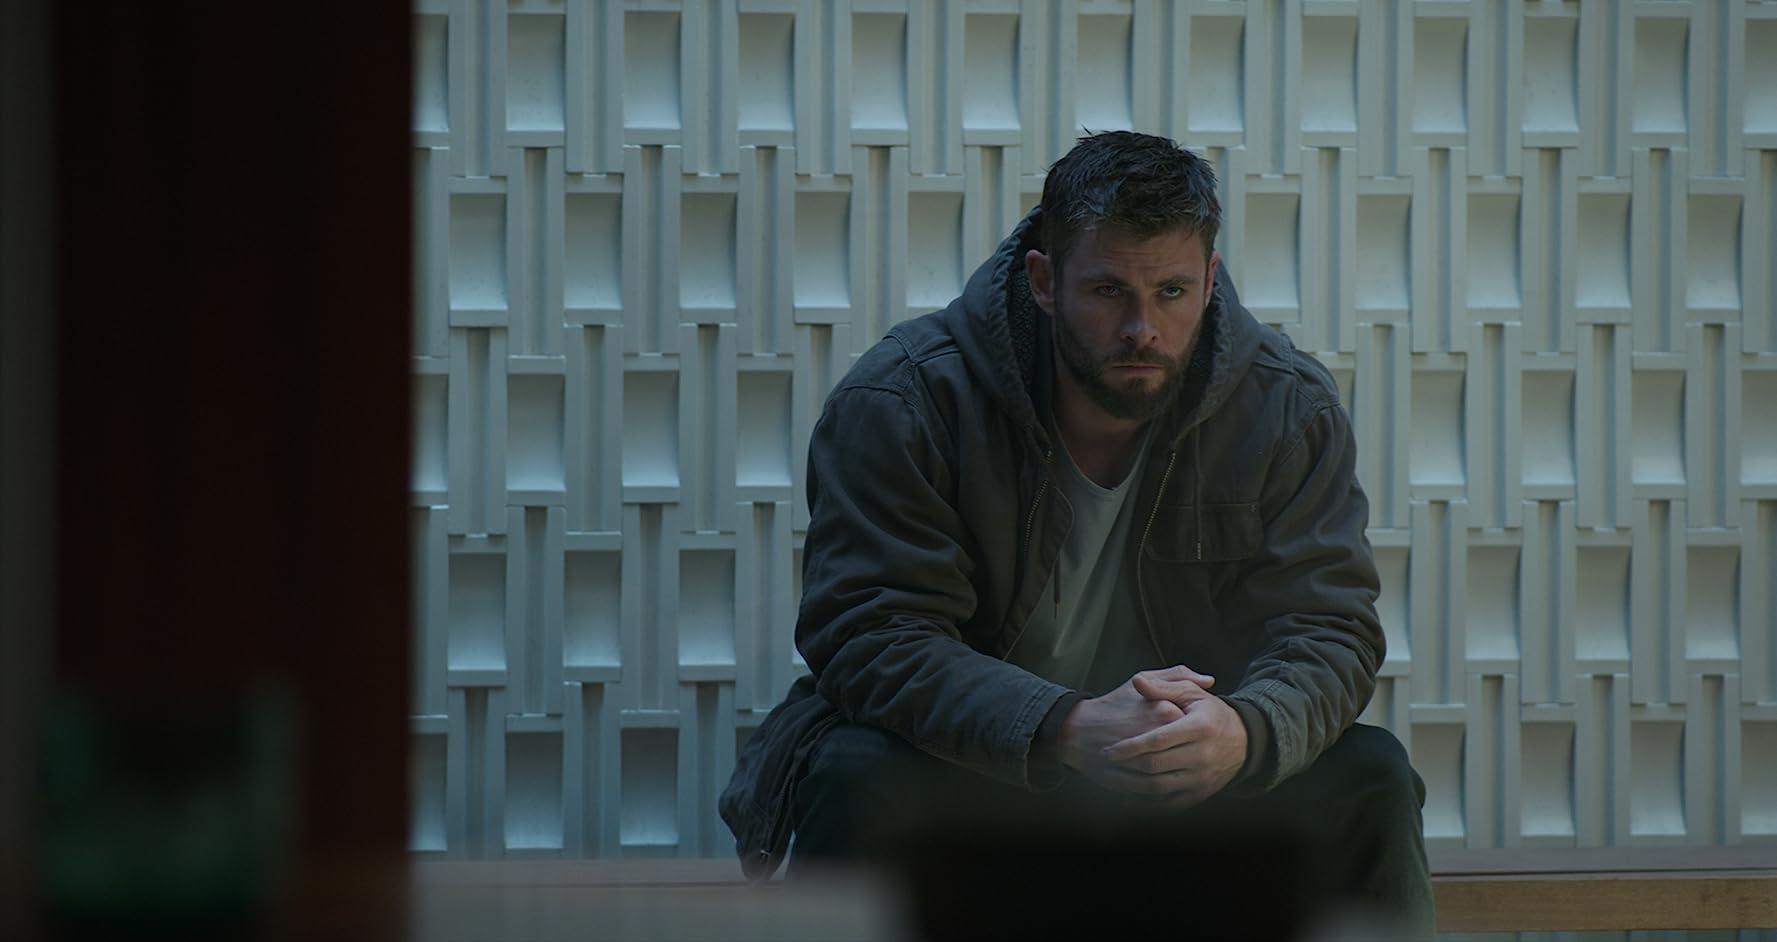 Chris Hemsworth in Avengers: Endgame (2019)